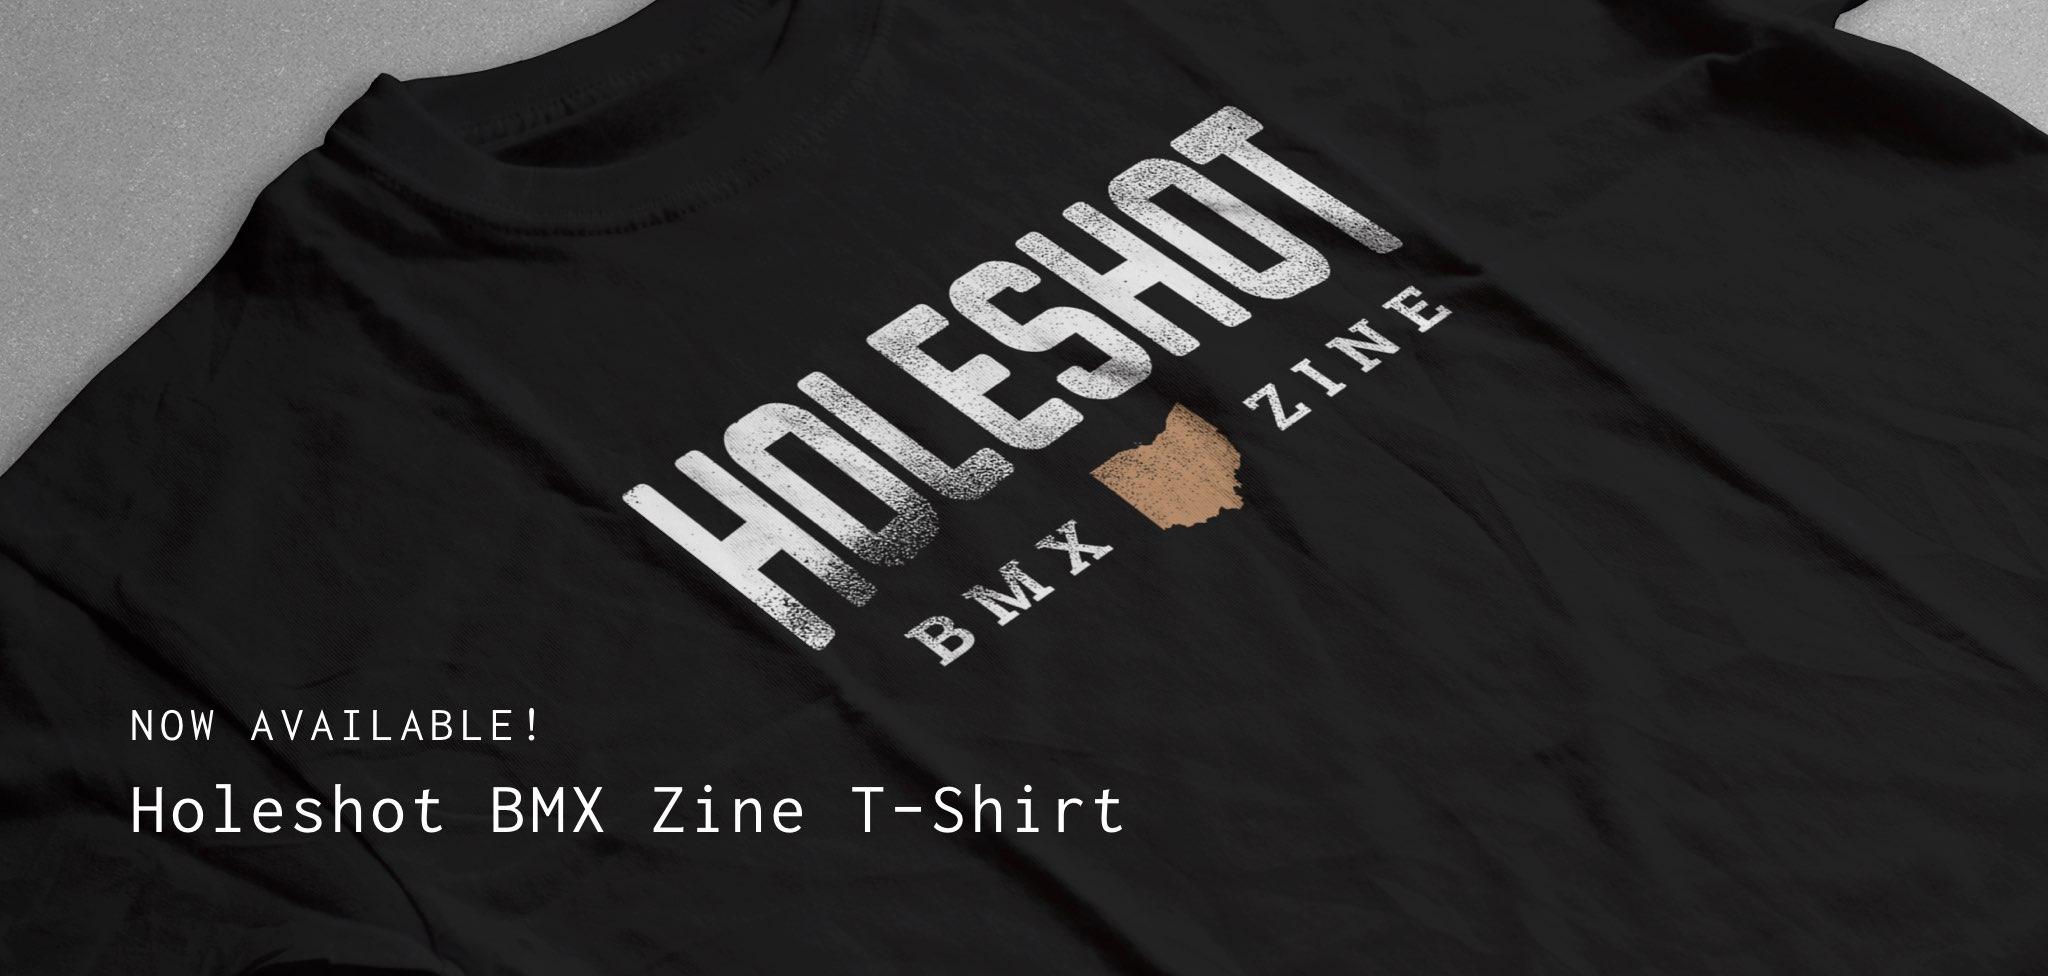 Now Available - Holeshot BMX T-Shirt